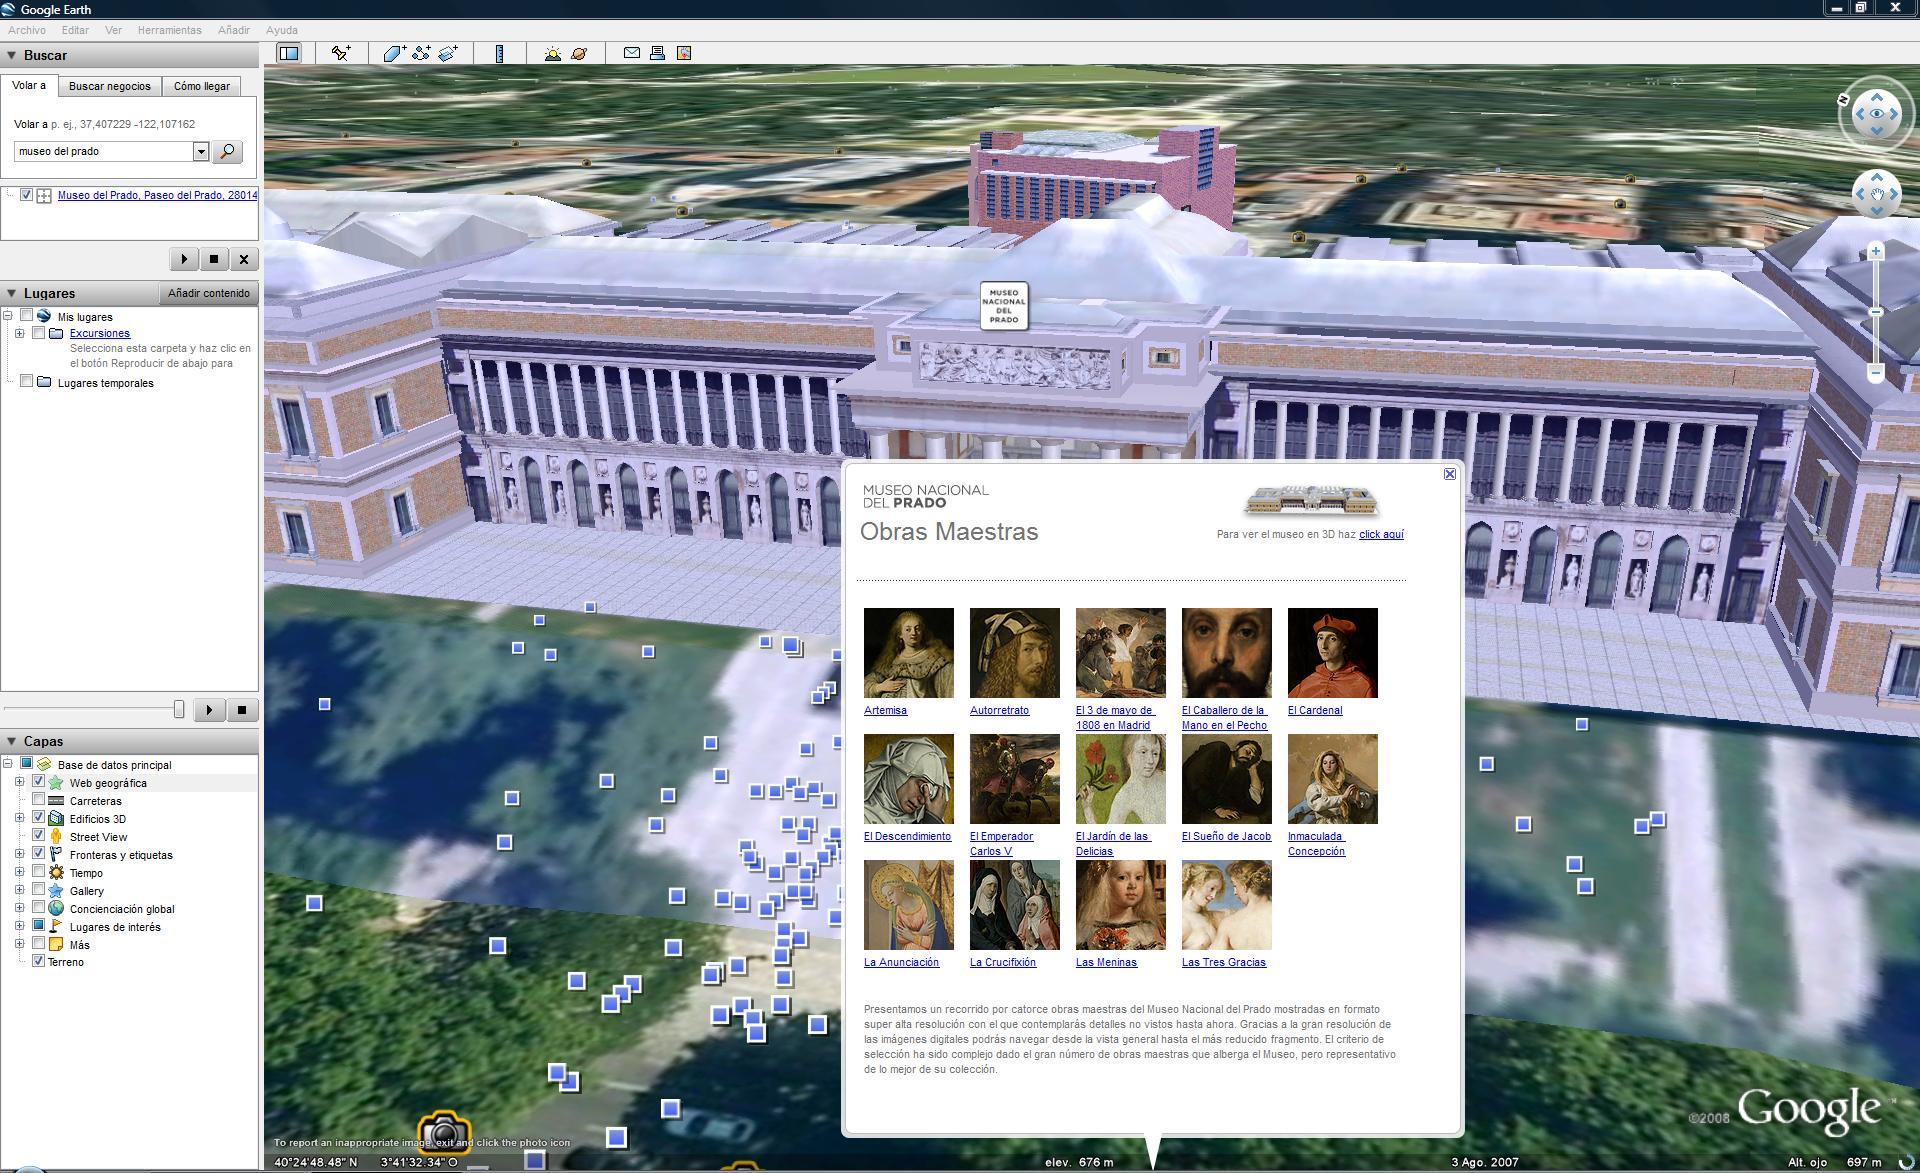 Museo del Prado: Obras maestras desde Google Earth